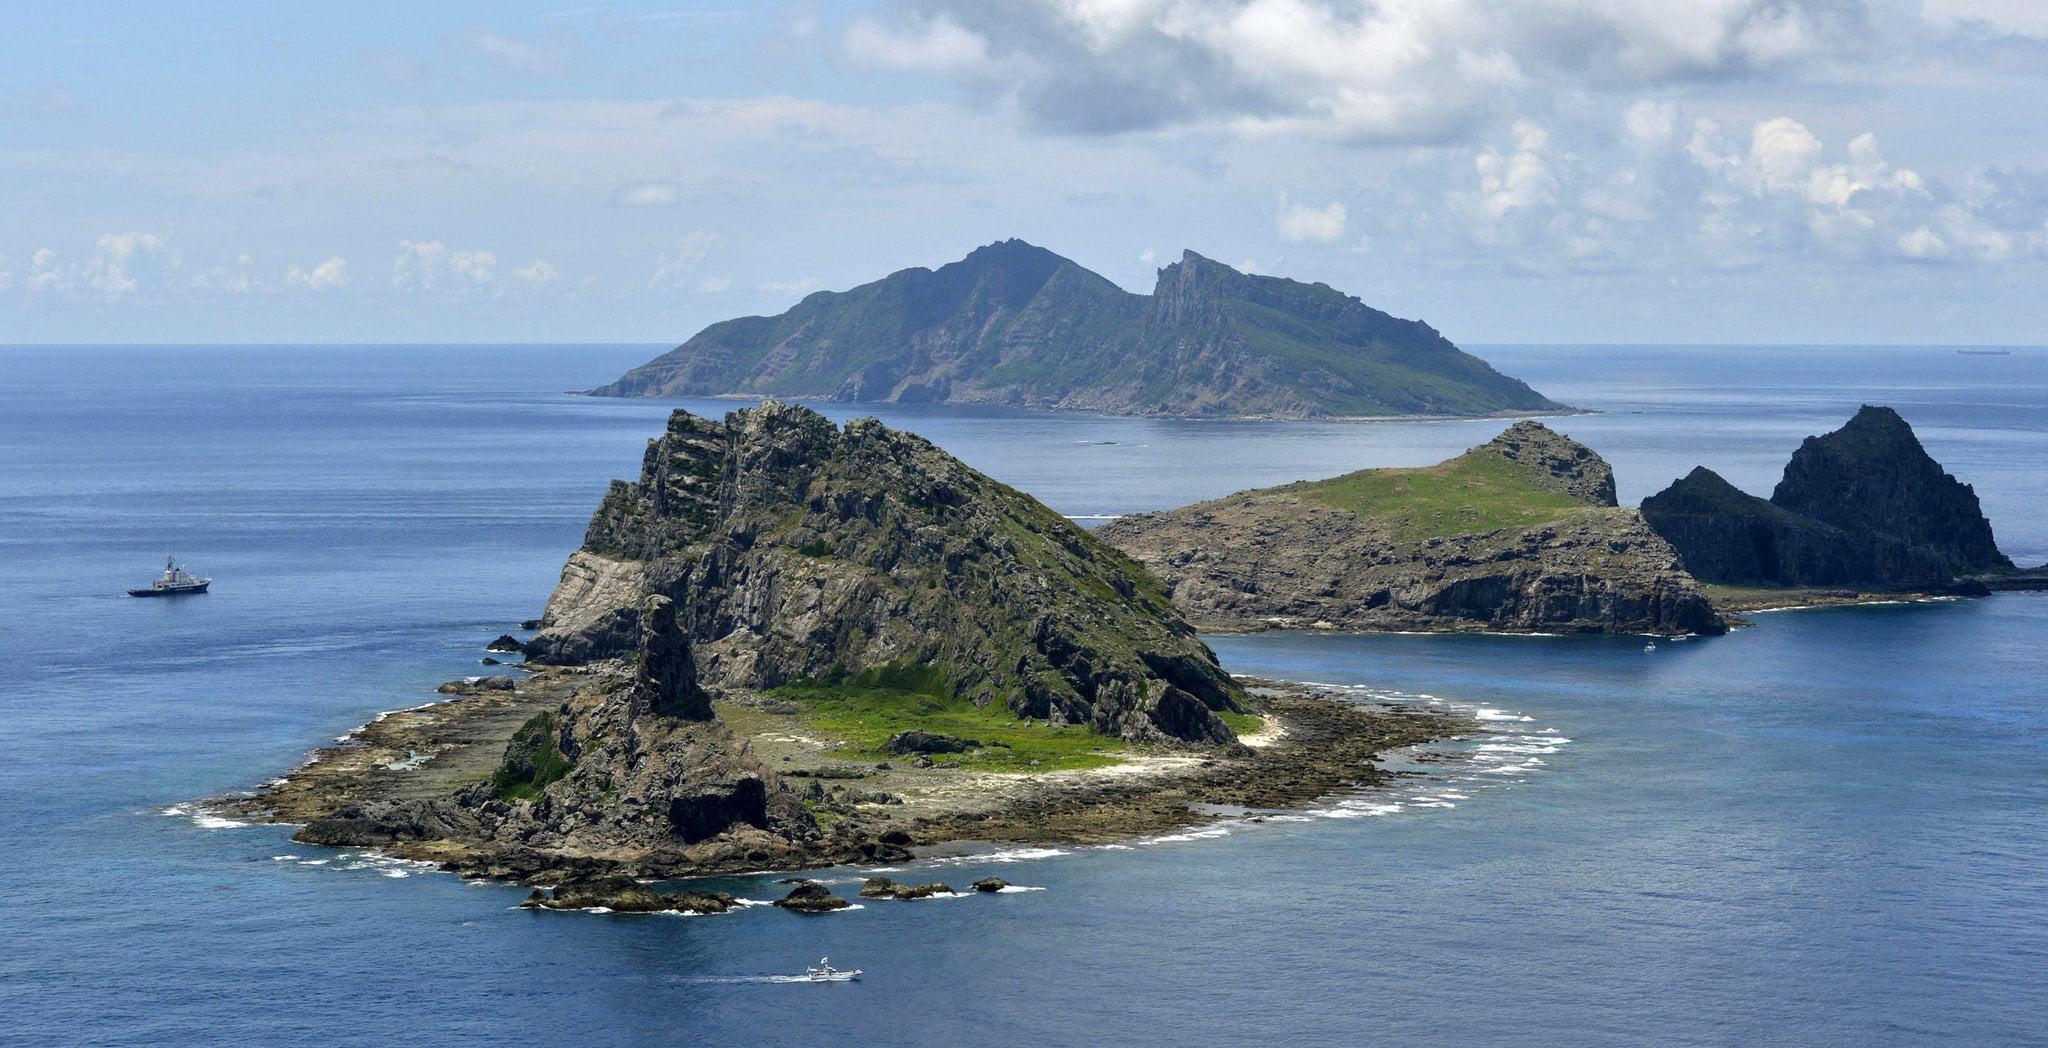 陸學者披露日本甲午戰爭地圖 證明釣魚台屬中國